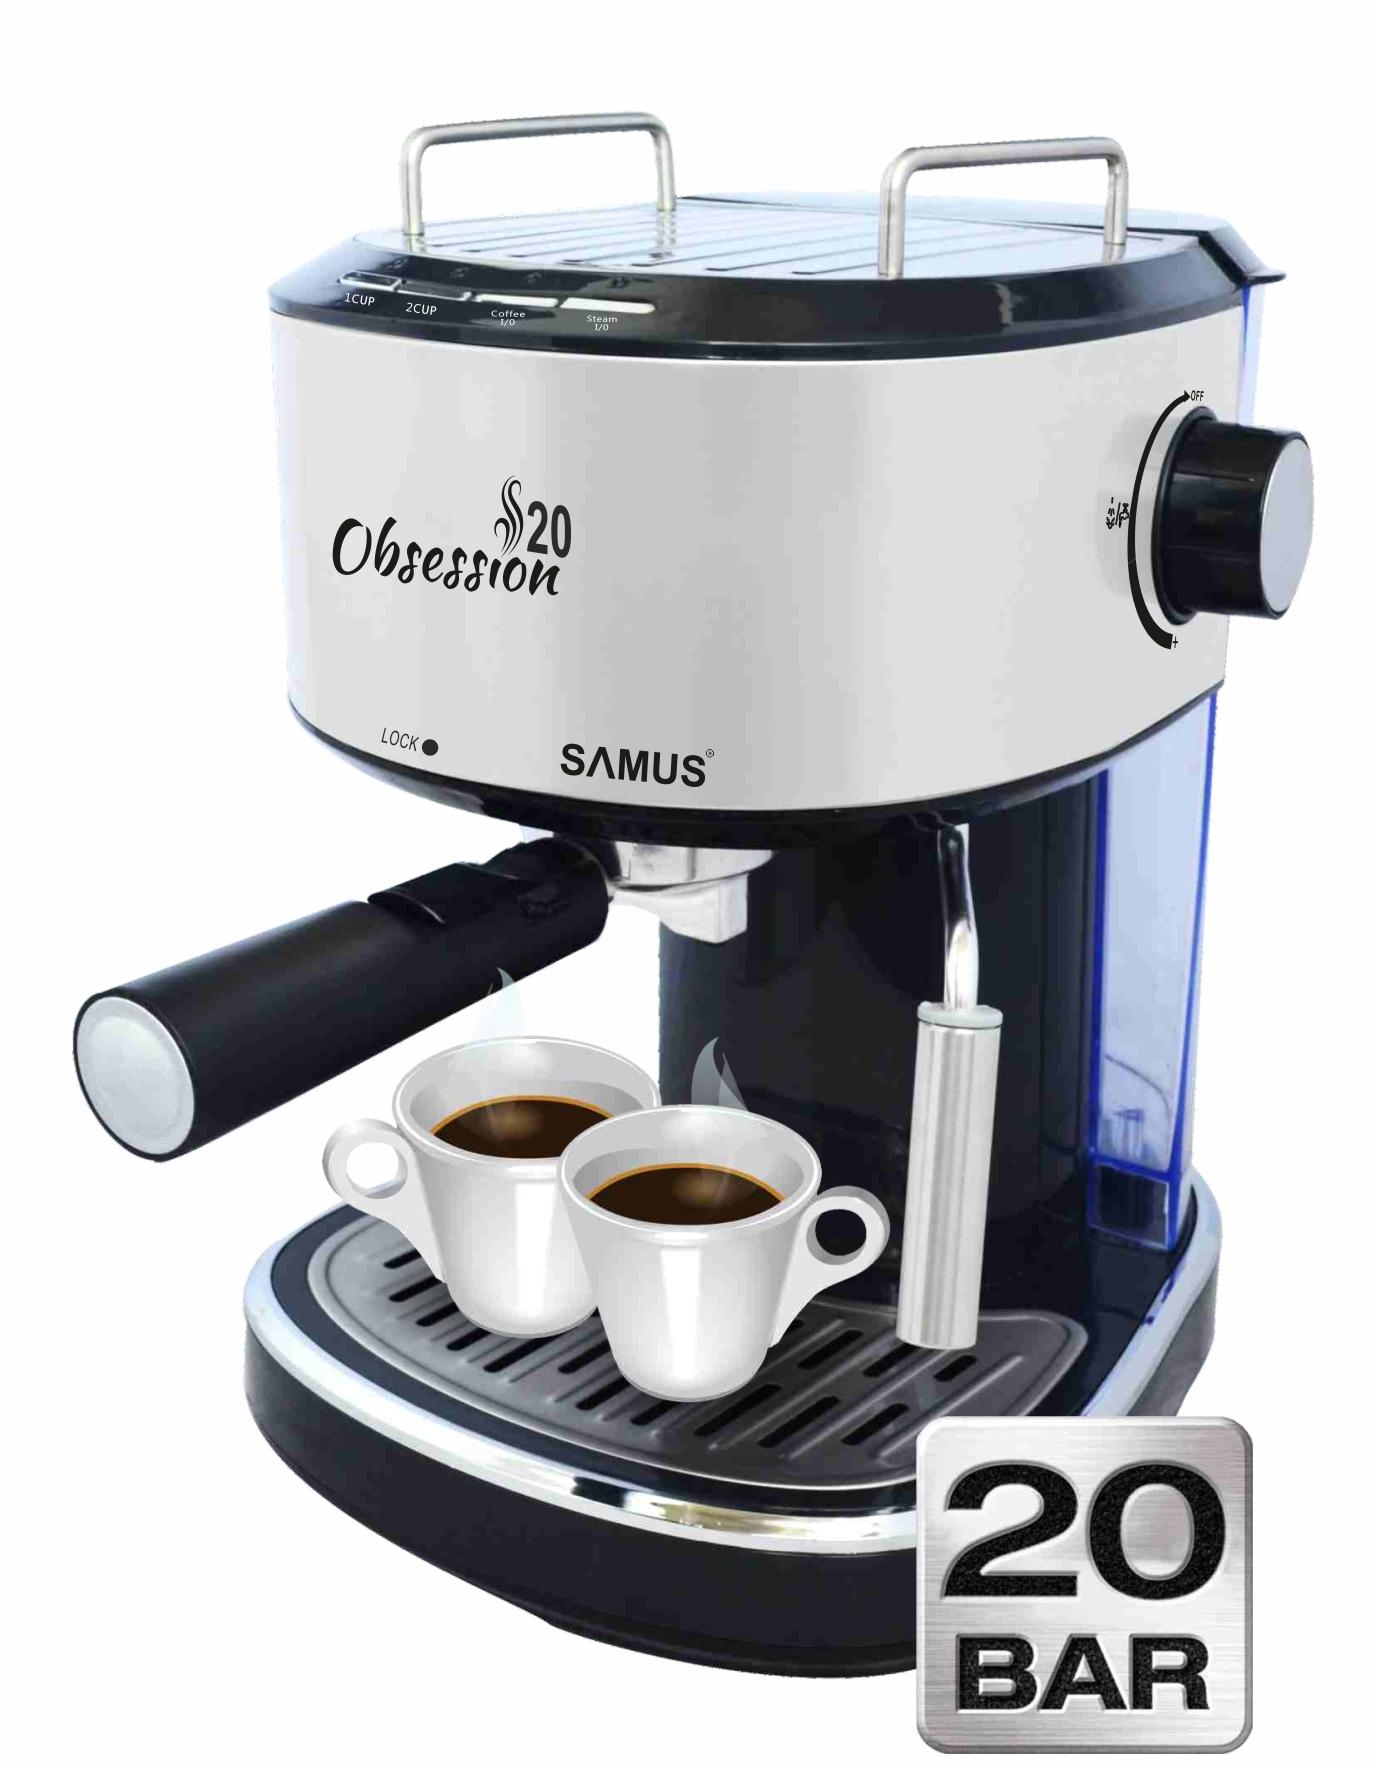 Espressor Samus Obsession 20, Presiune 20 bari, 1.2 L, Dispozitiv spumare, Filtru inox, Buton 1 ceaşcă/2 ceşti, Negru/Inox